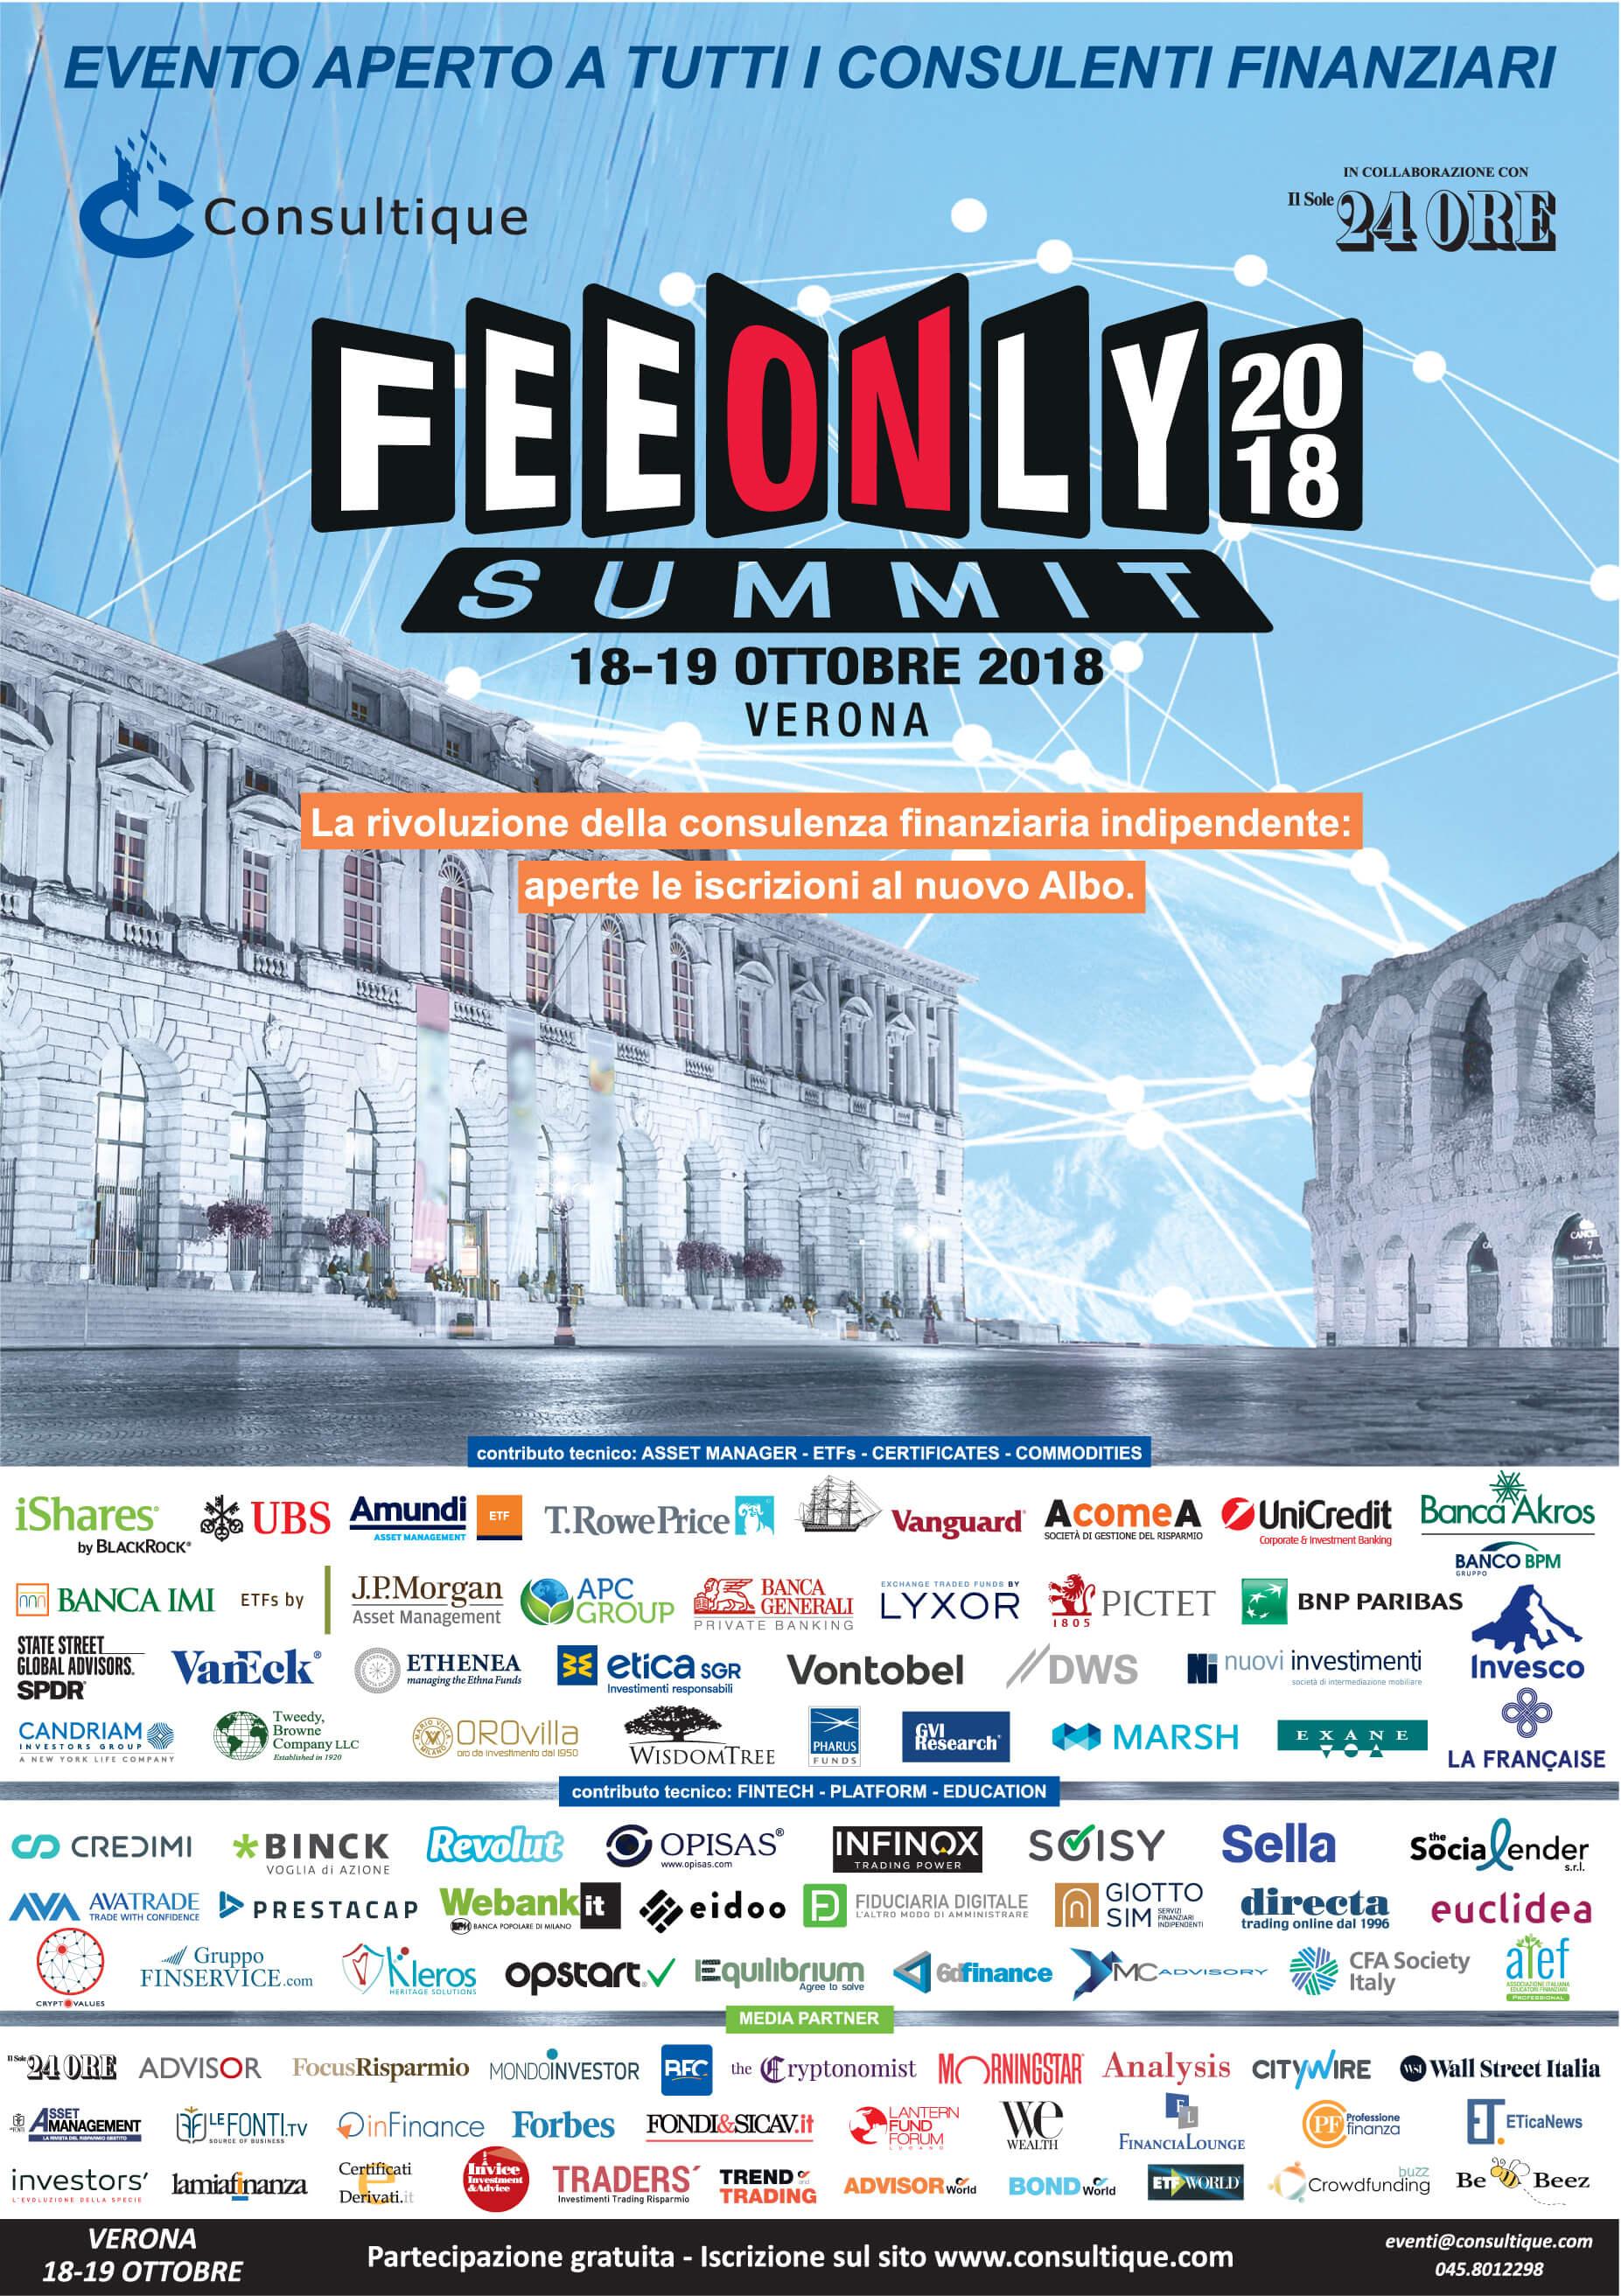 FEE ONLY SUMMIT 2018: la rivoluzione della consulenza finanziaria